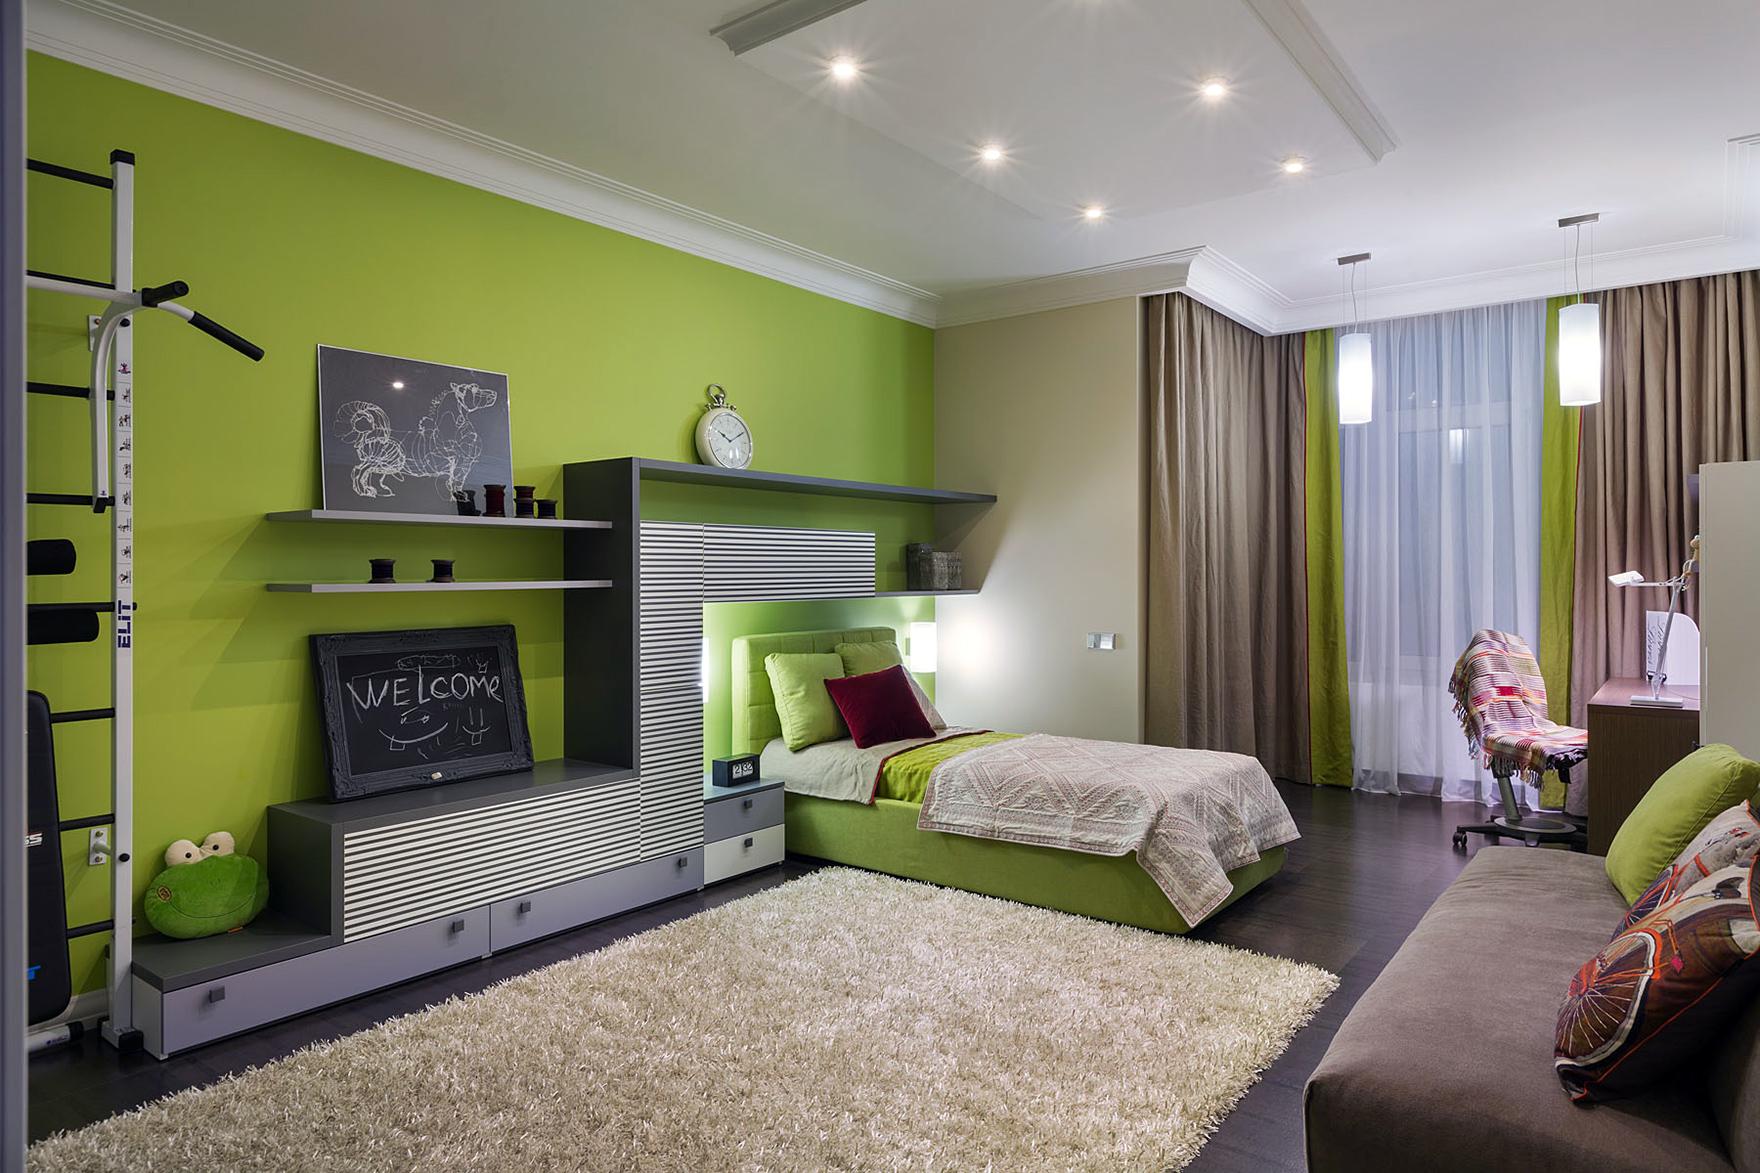 Фото дизайна комнаты в салатовом цвете